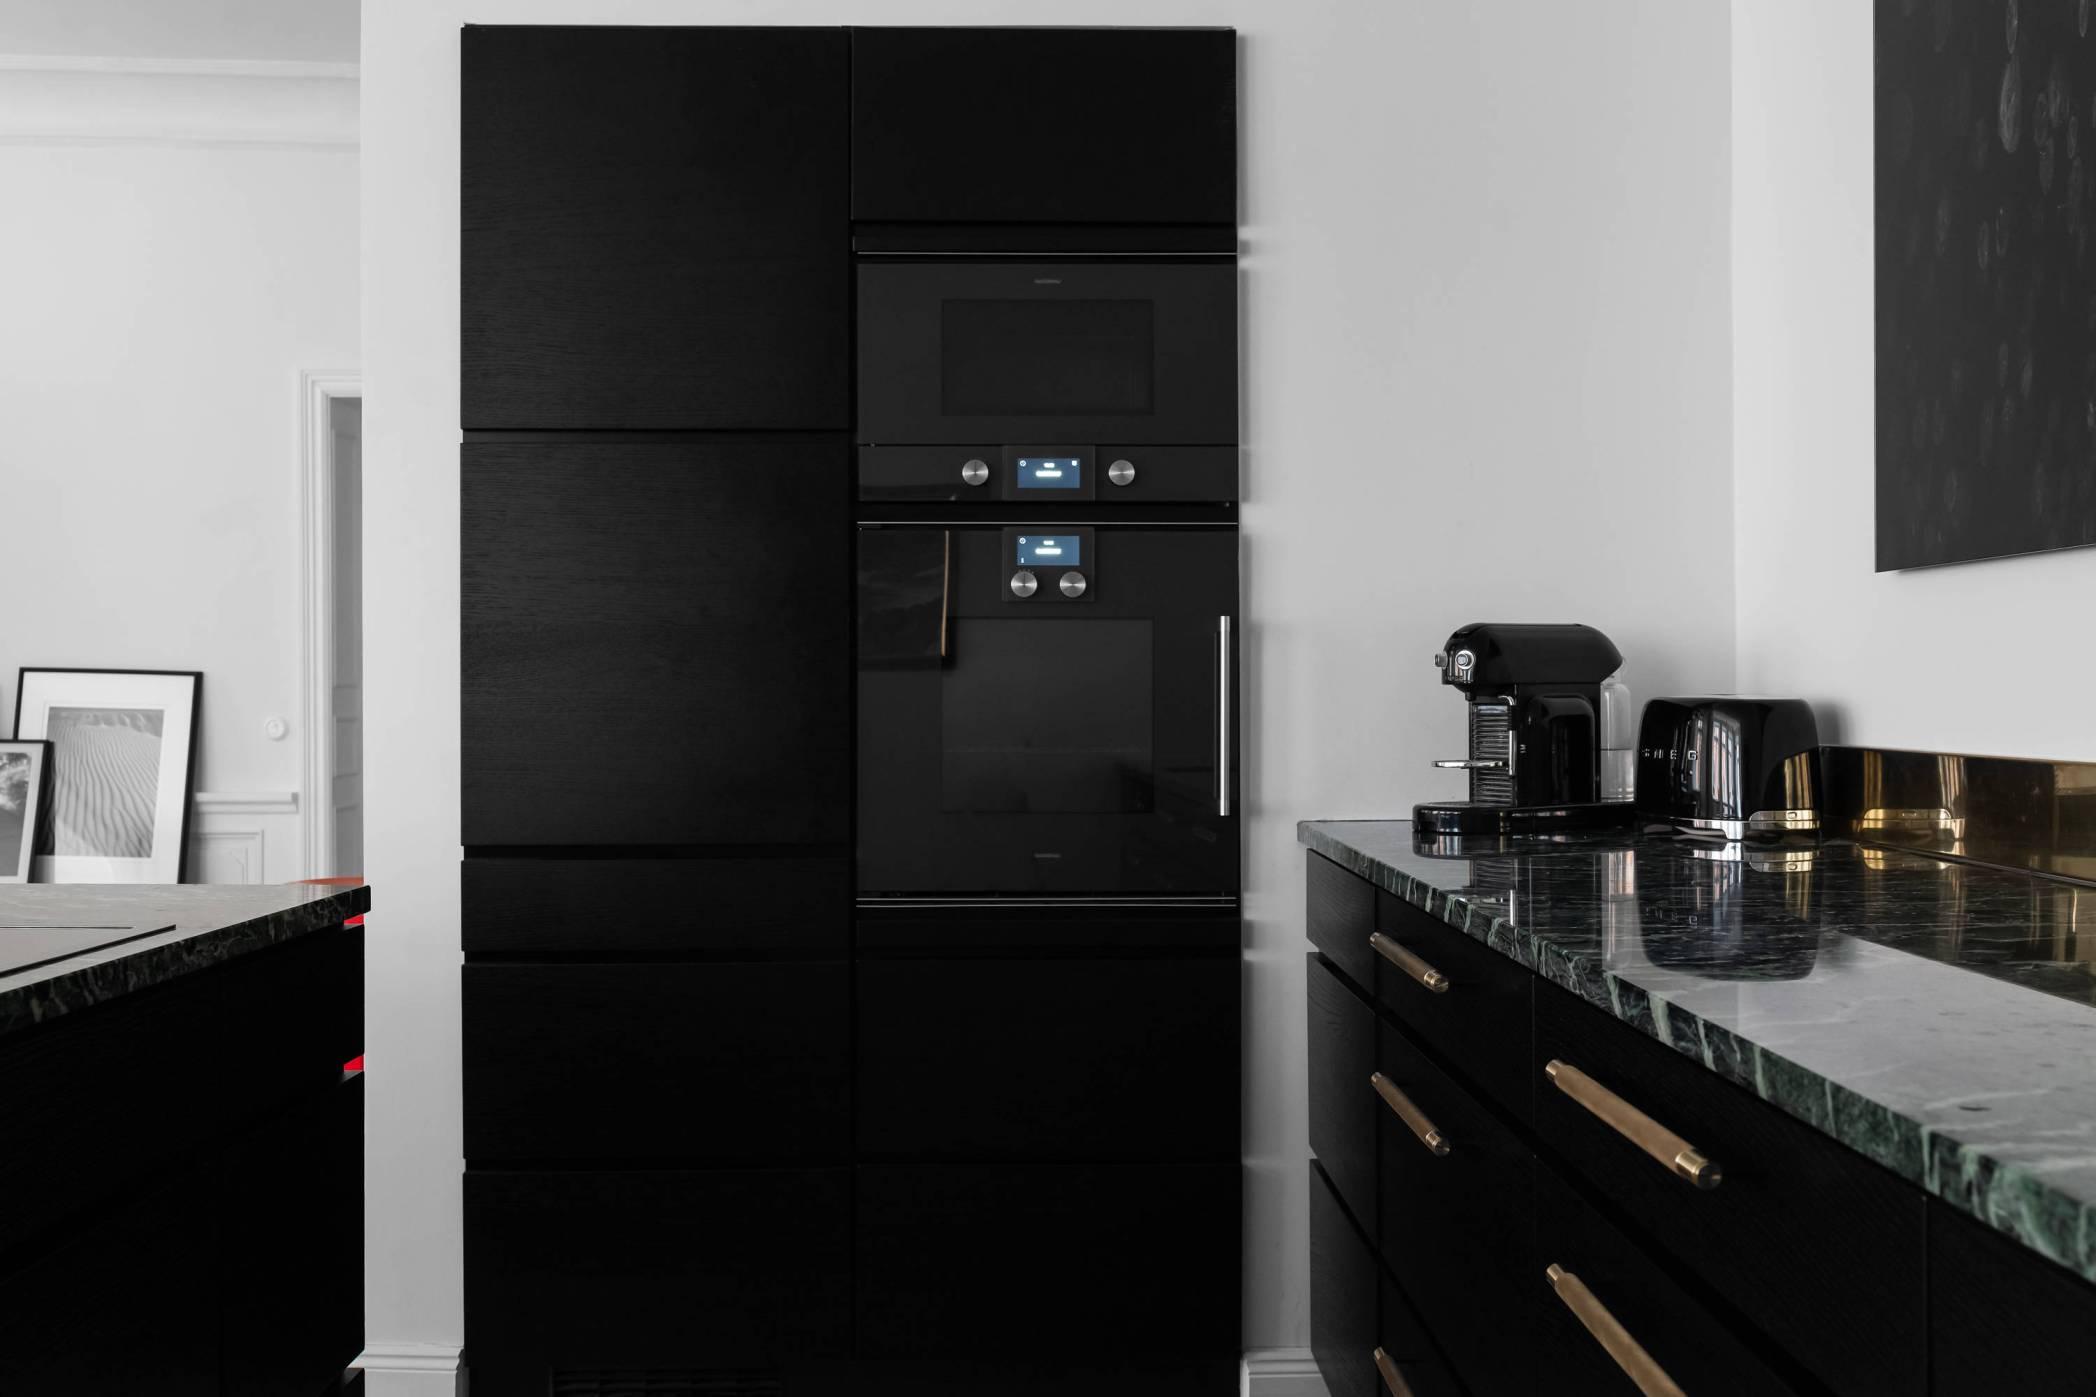 кухня мебель встроенная техника